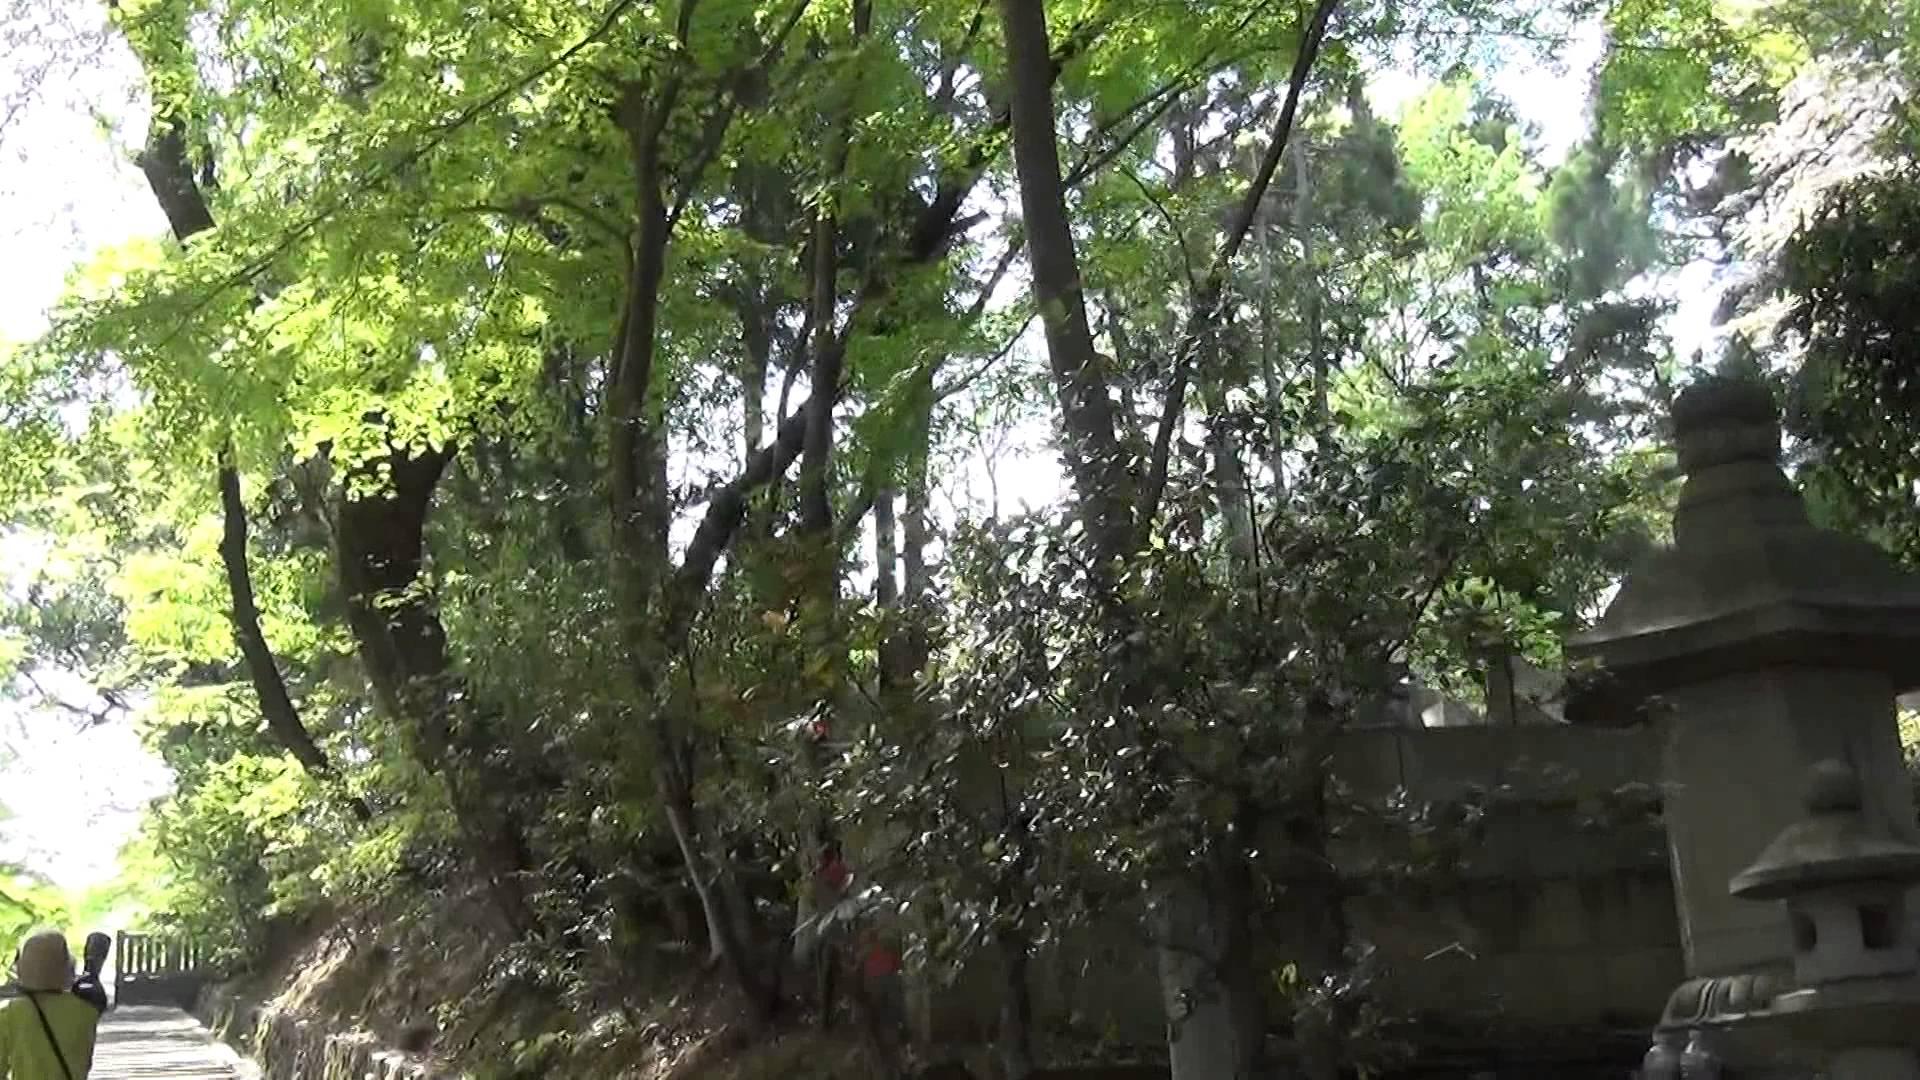 総本山 光明寺にて、みずみずしい緑のもみじを見てリフレッシュ